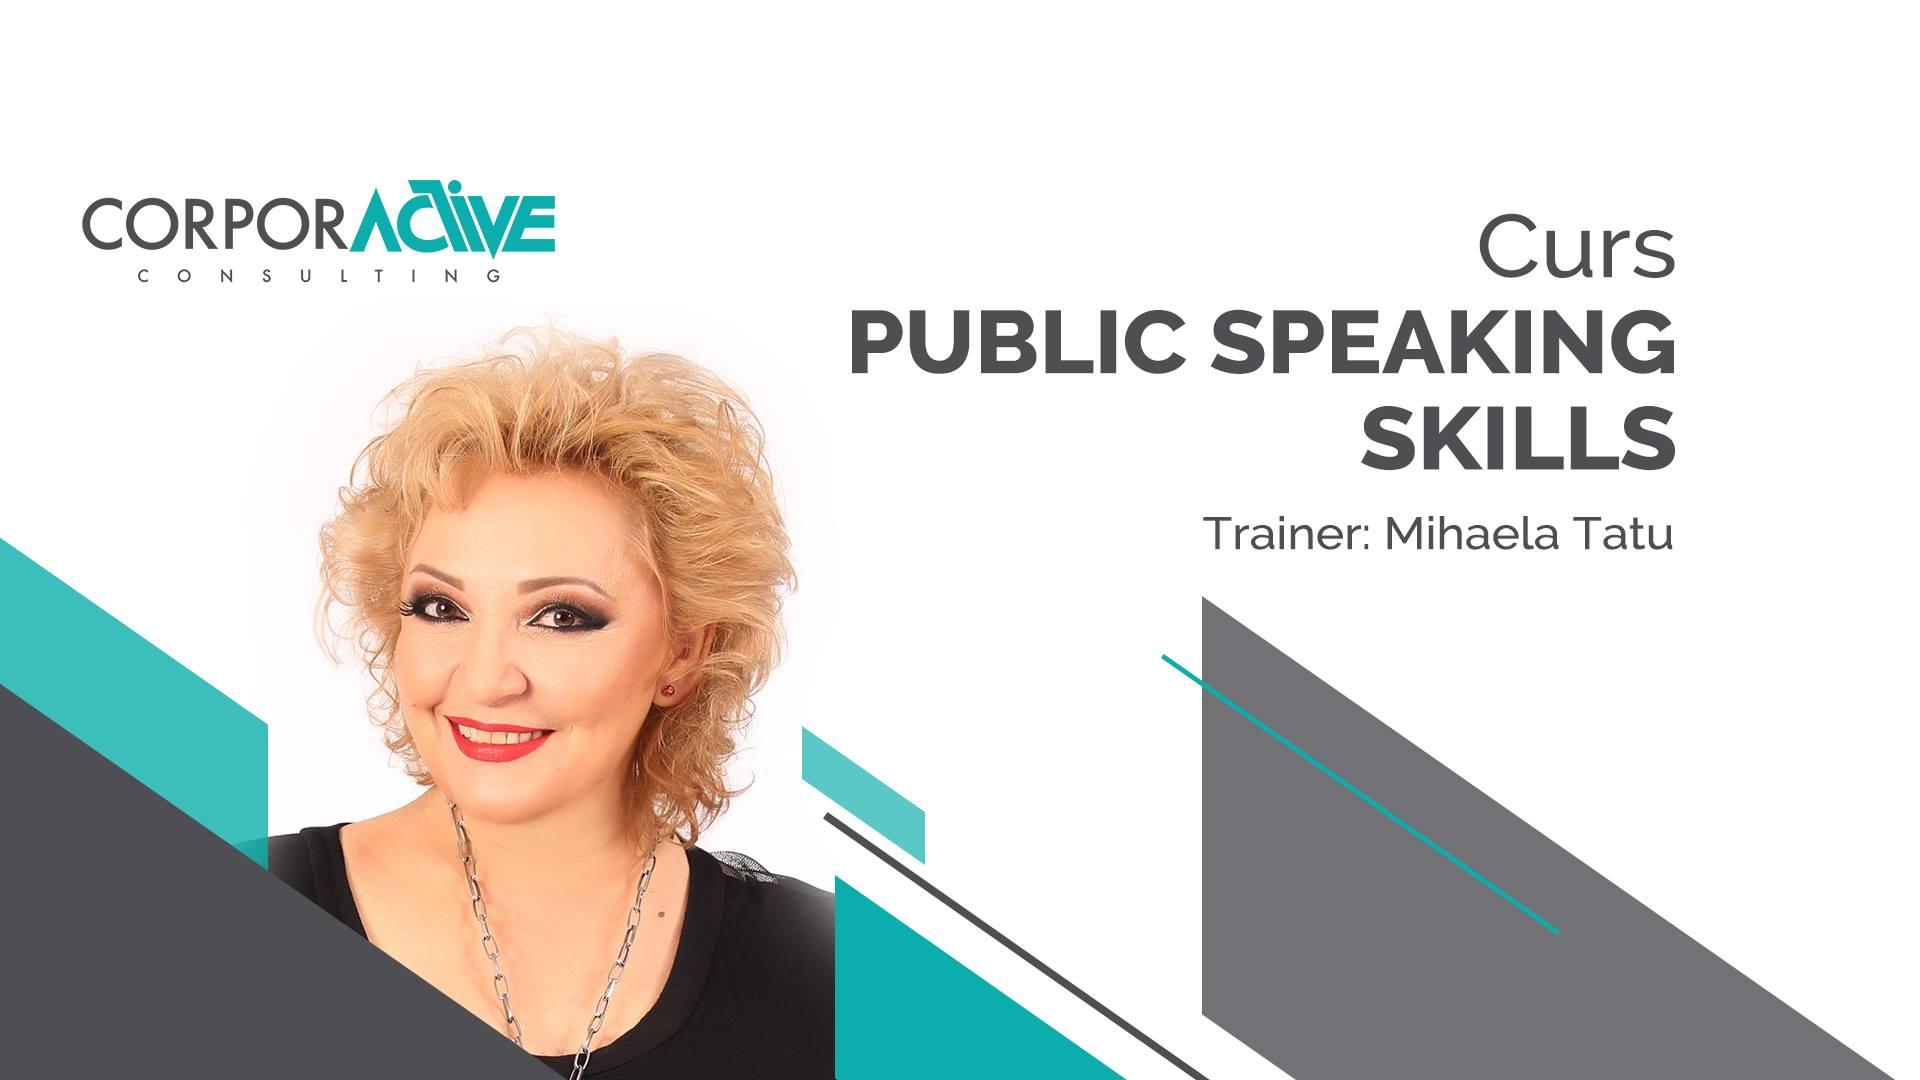 Curs Public speaking skills